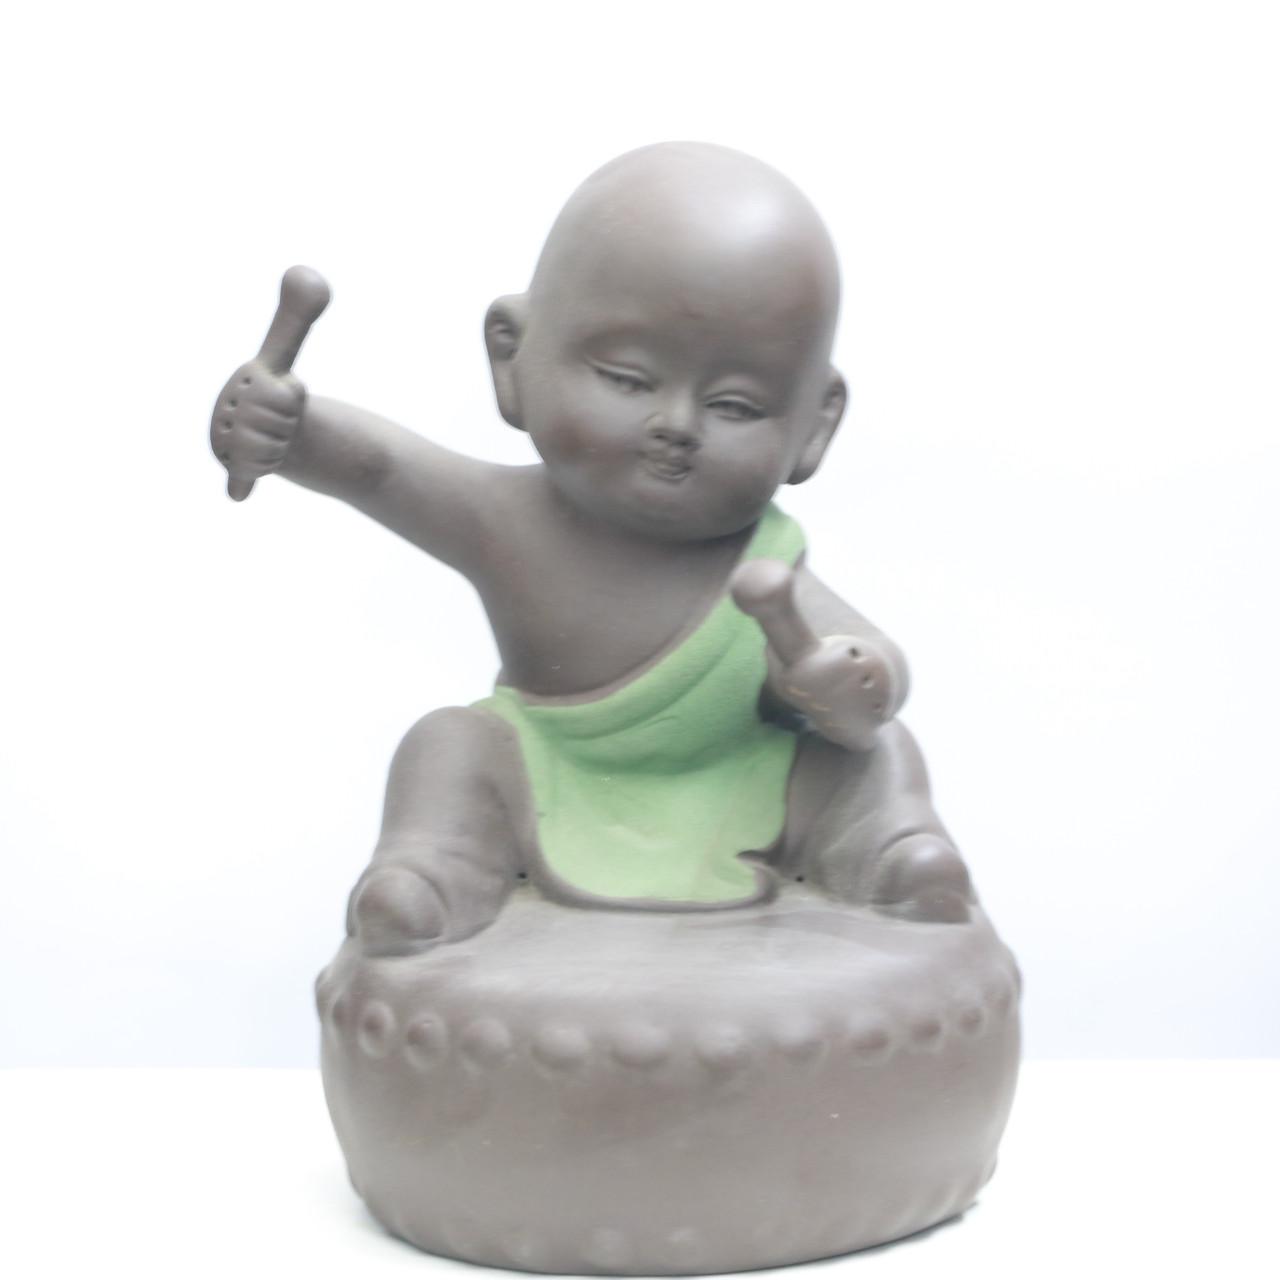 Tượng Chú Tiểu ngồi trên trống